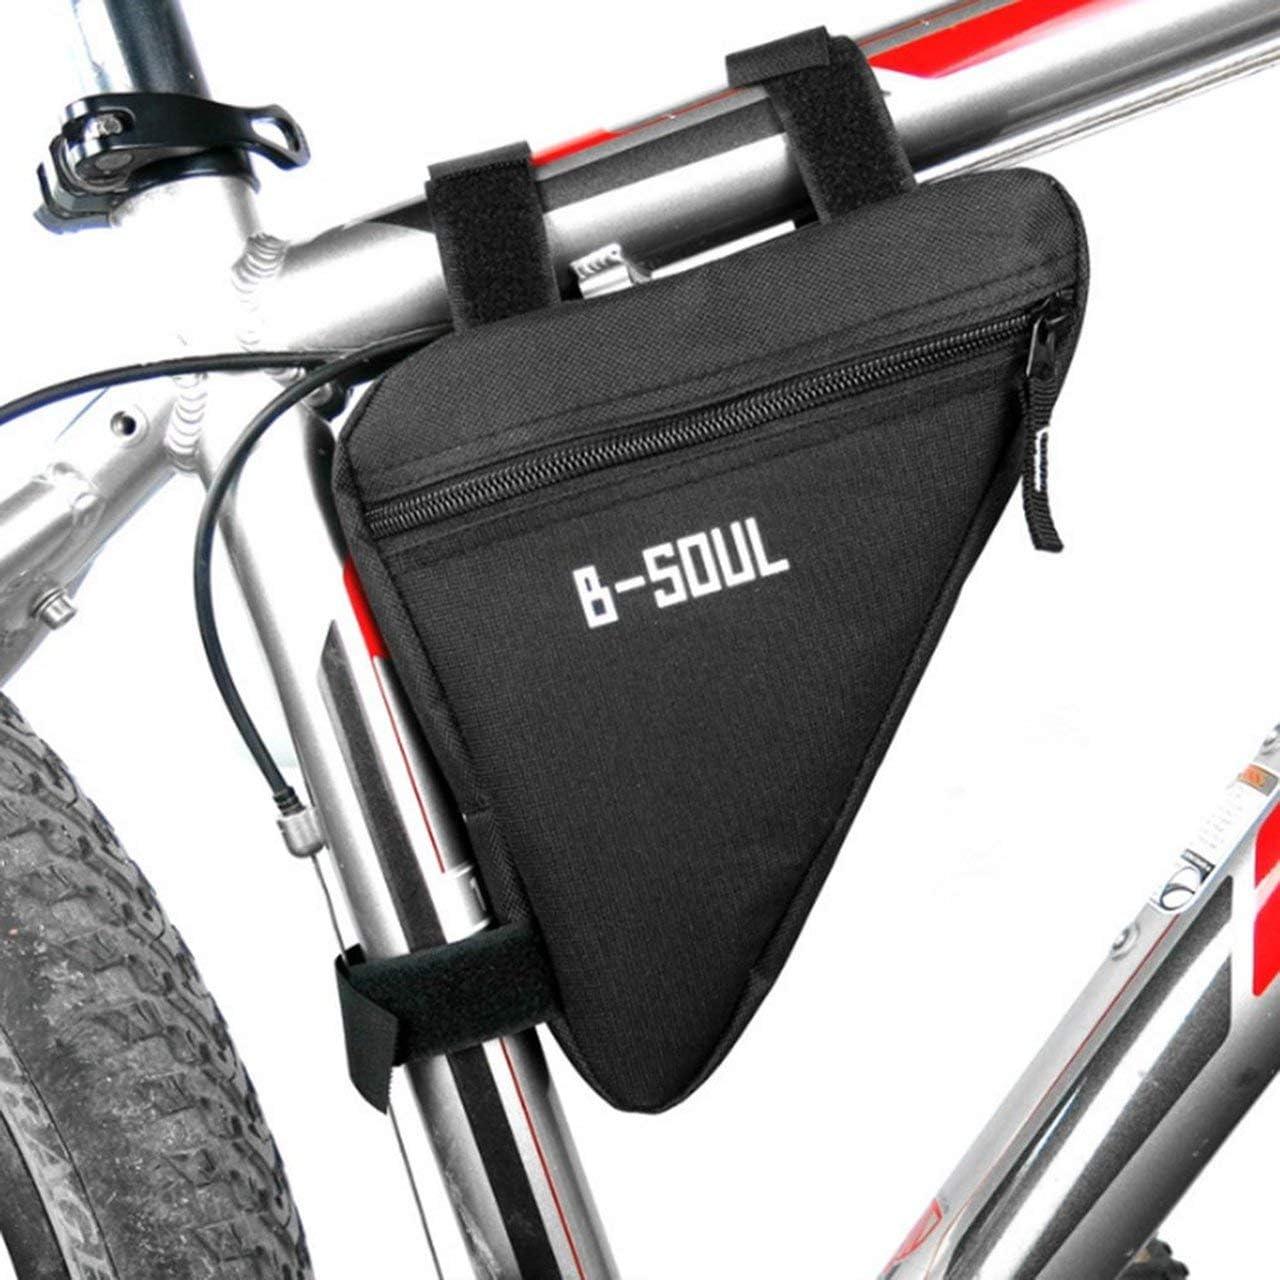 B-SOUL wasserdichte Fahrrad Sitz Satteltasche Radfahren wichtige Brieftasch